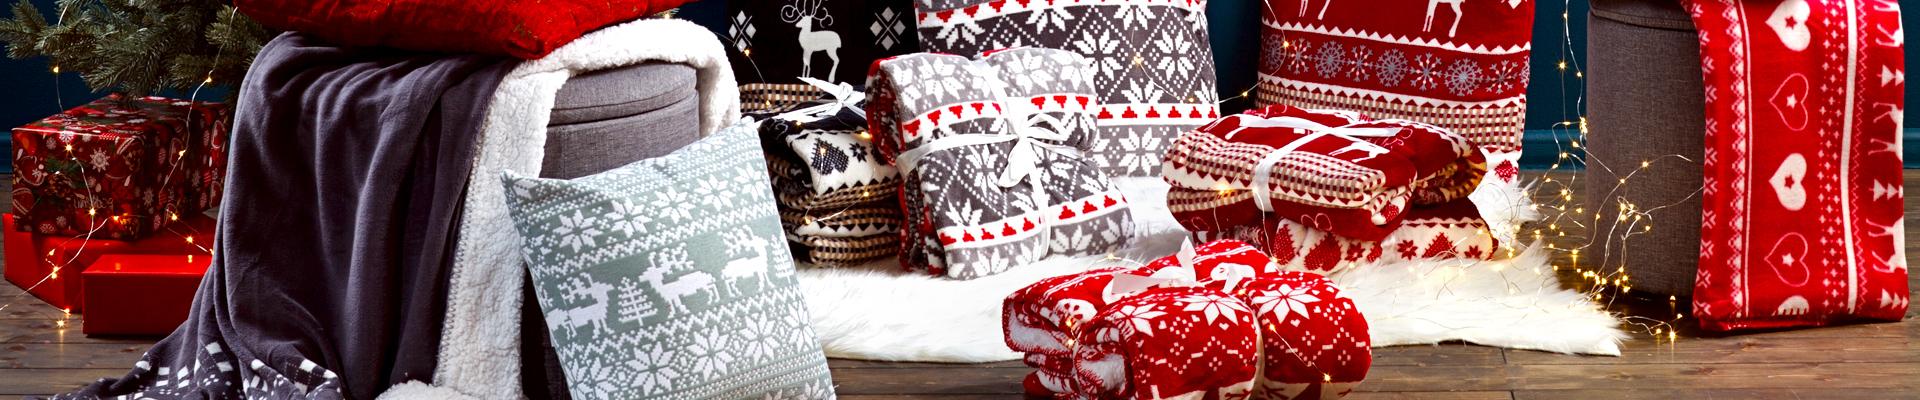 Ziemassvētku tekstils